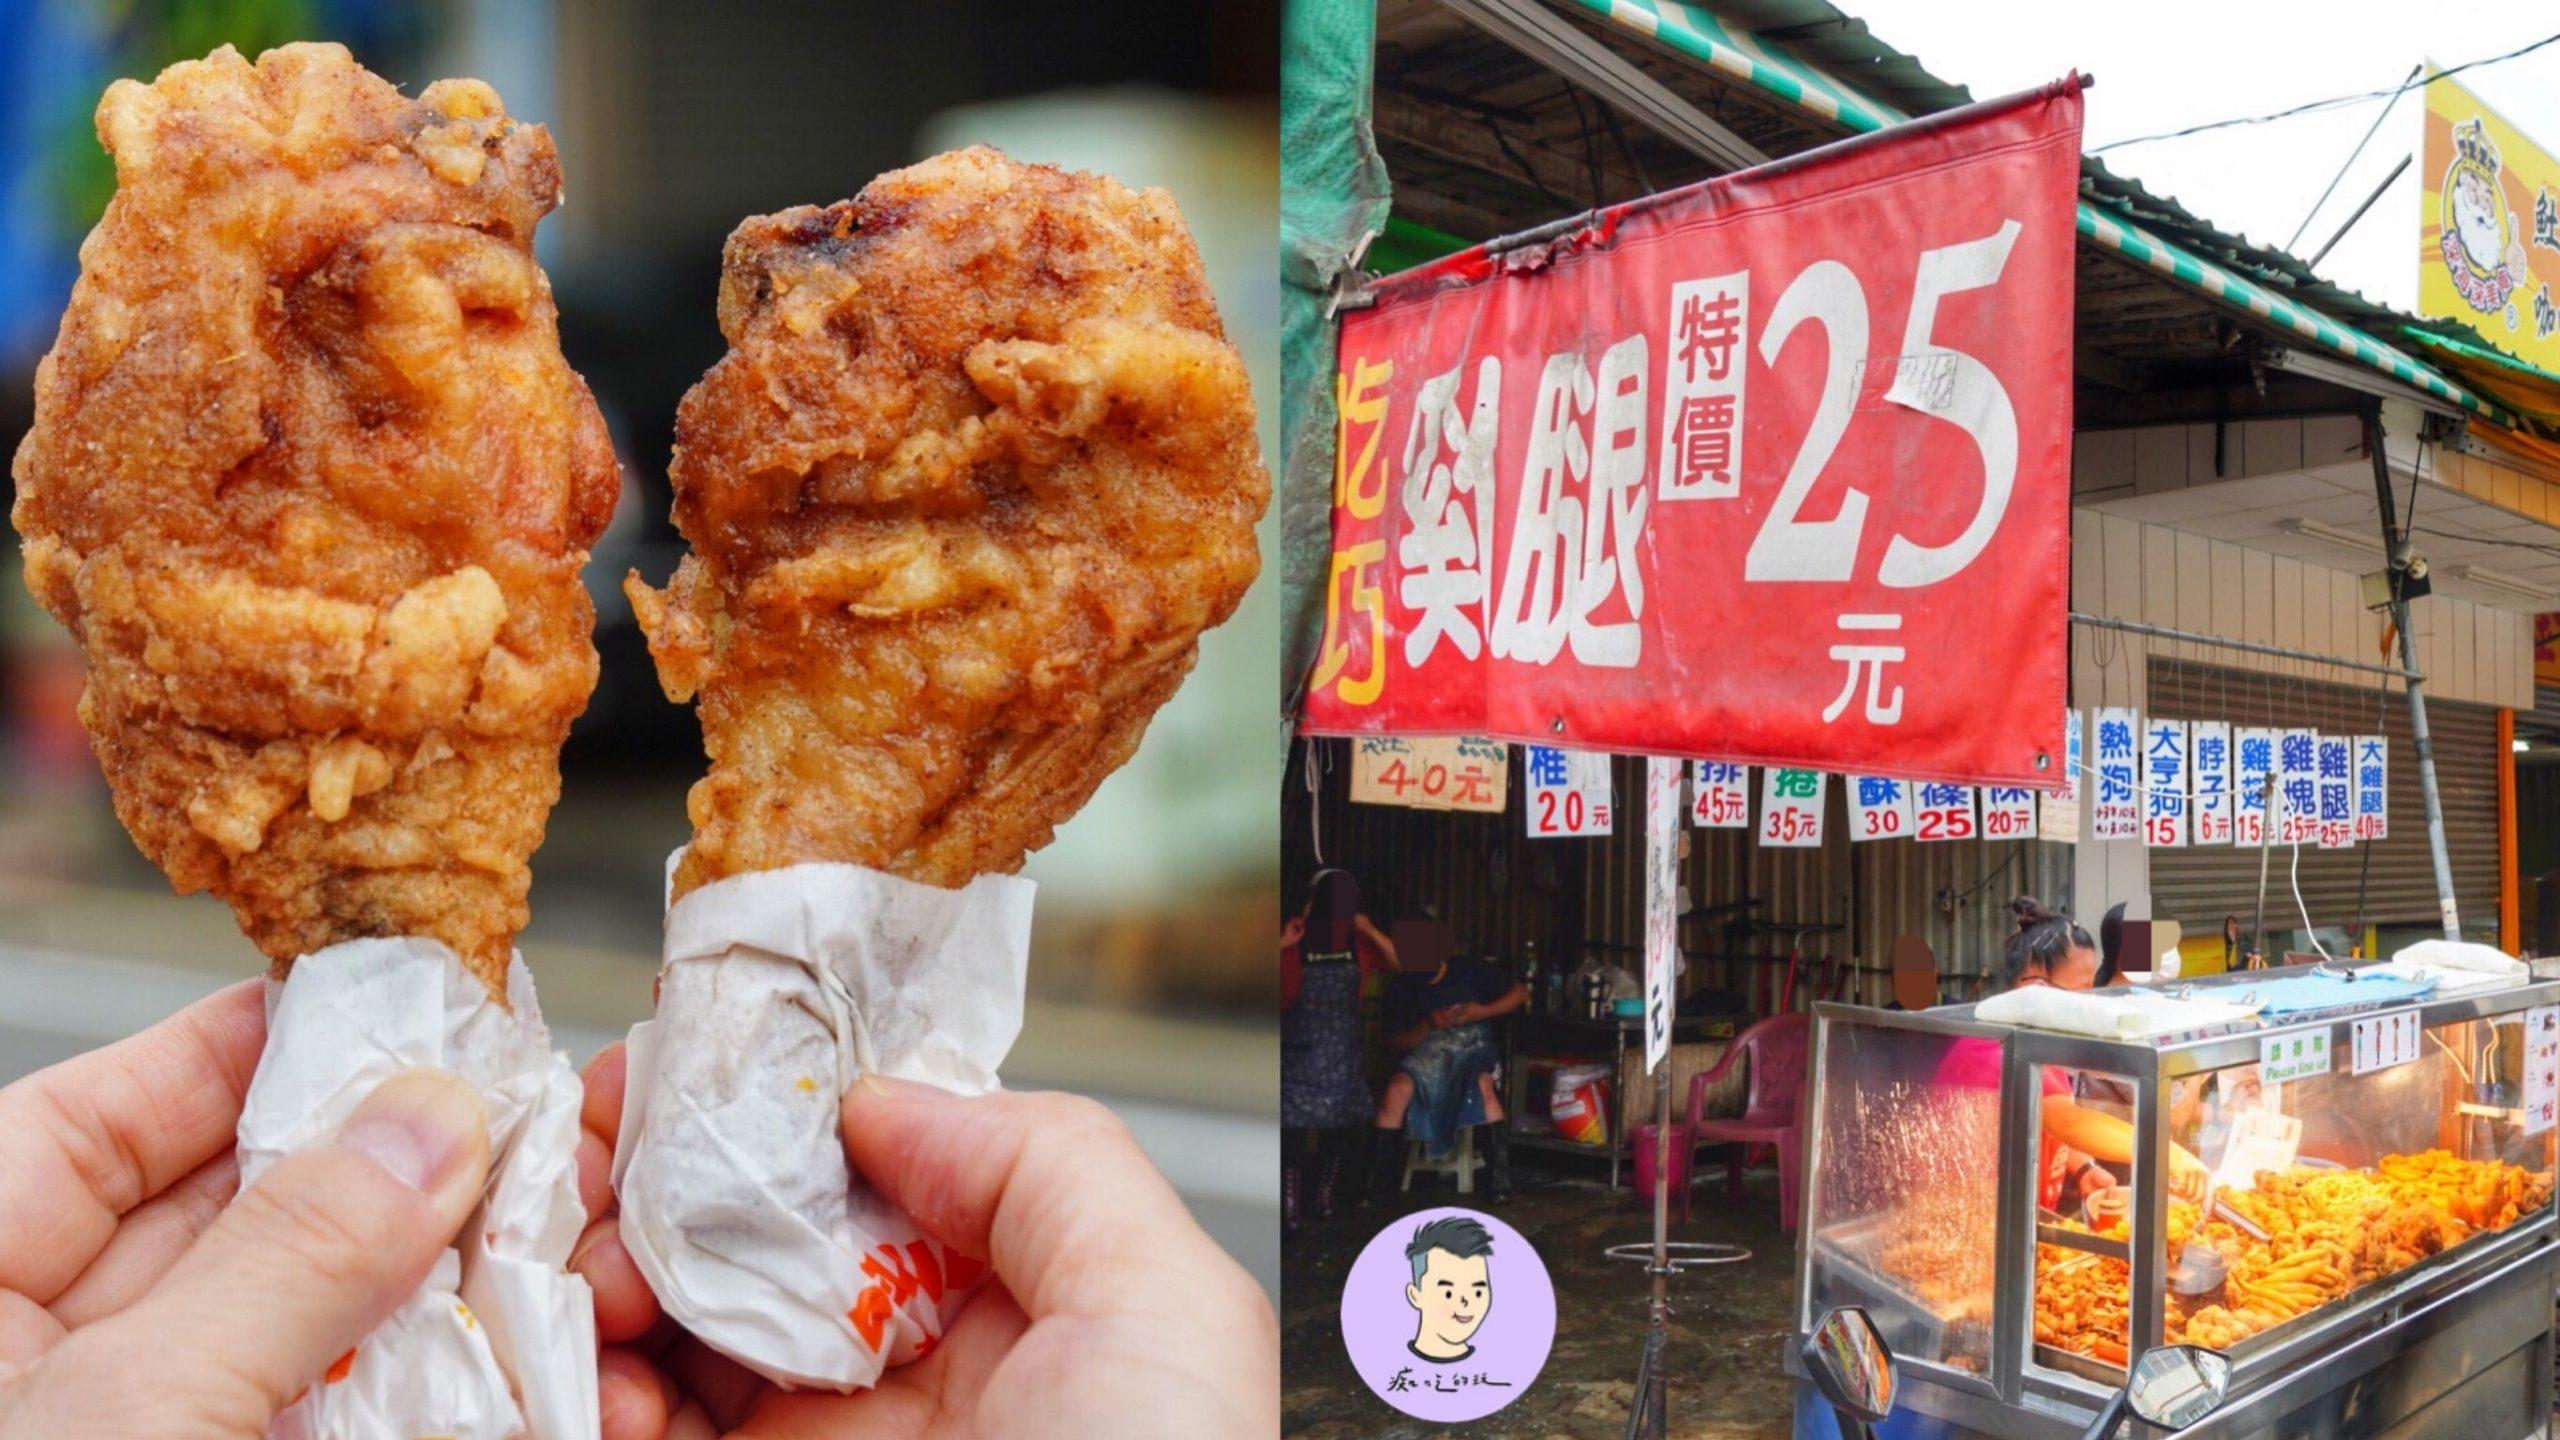 【台南美食】吃巧炸雞 永康這家雞腿只要25元!雞排才45元 便宜好吃!! 在地人大堆的隱藏版炸雞店